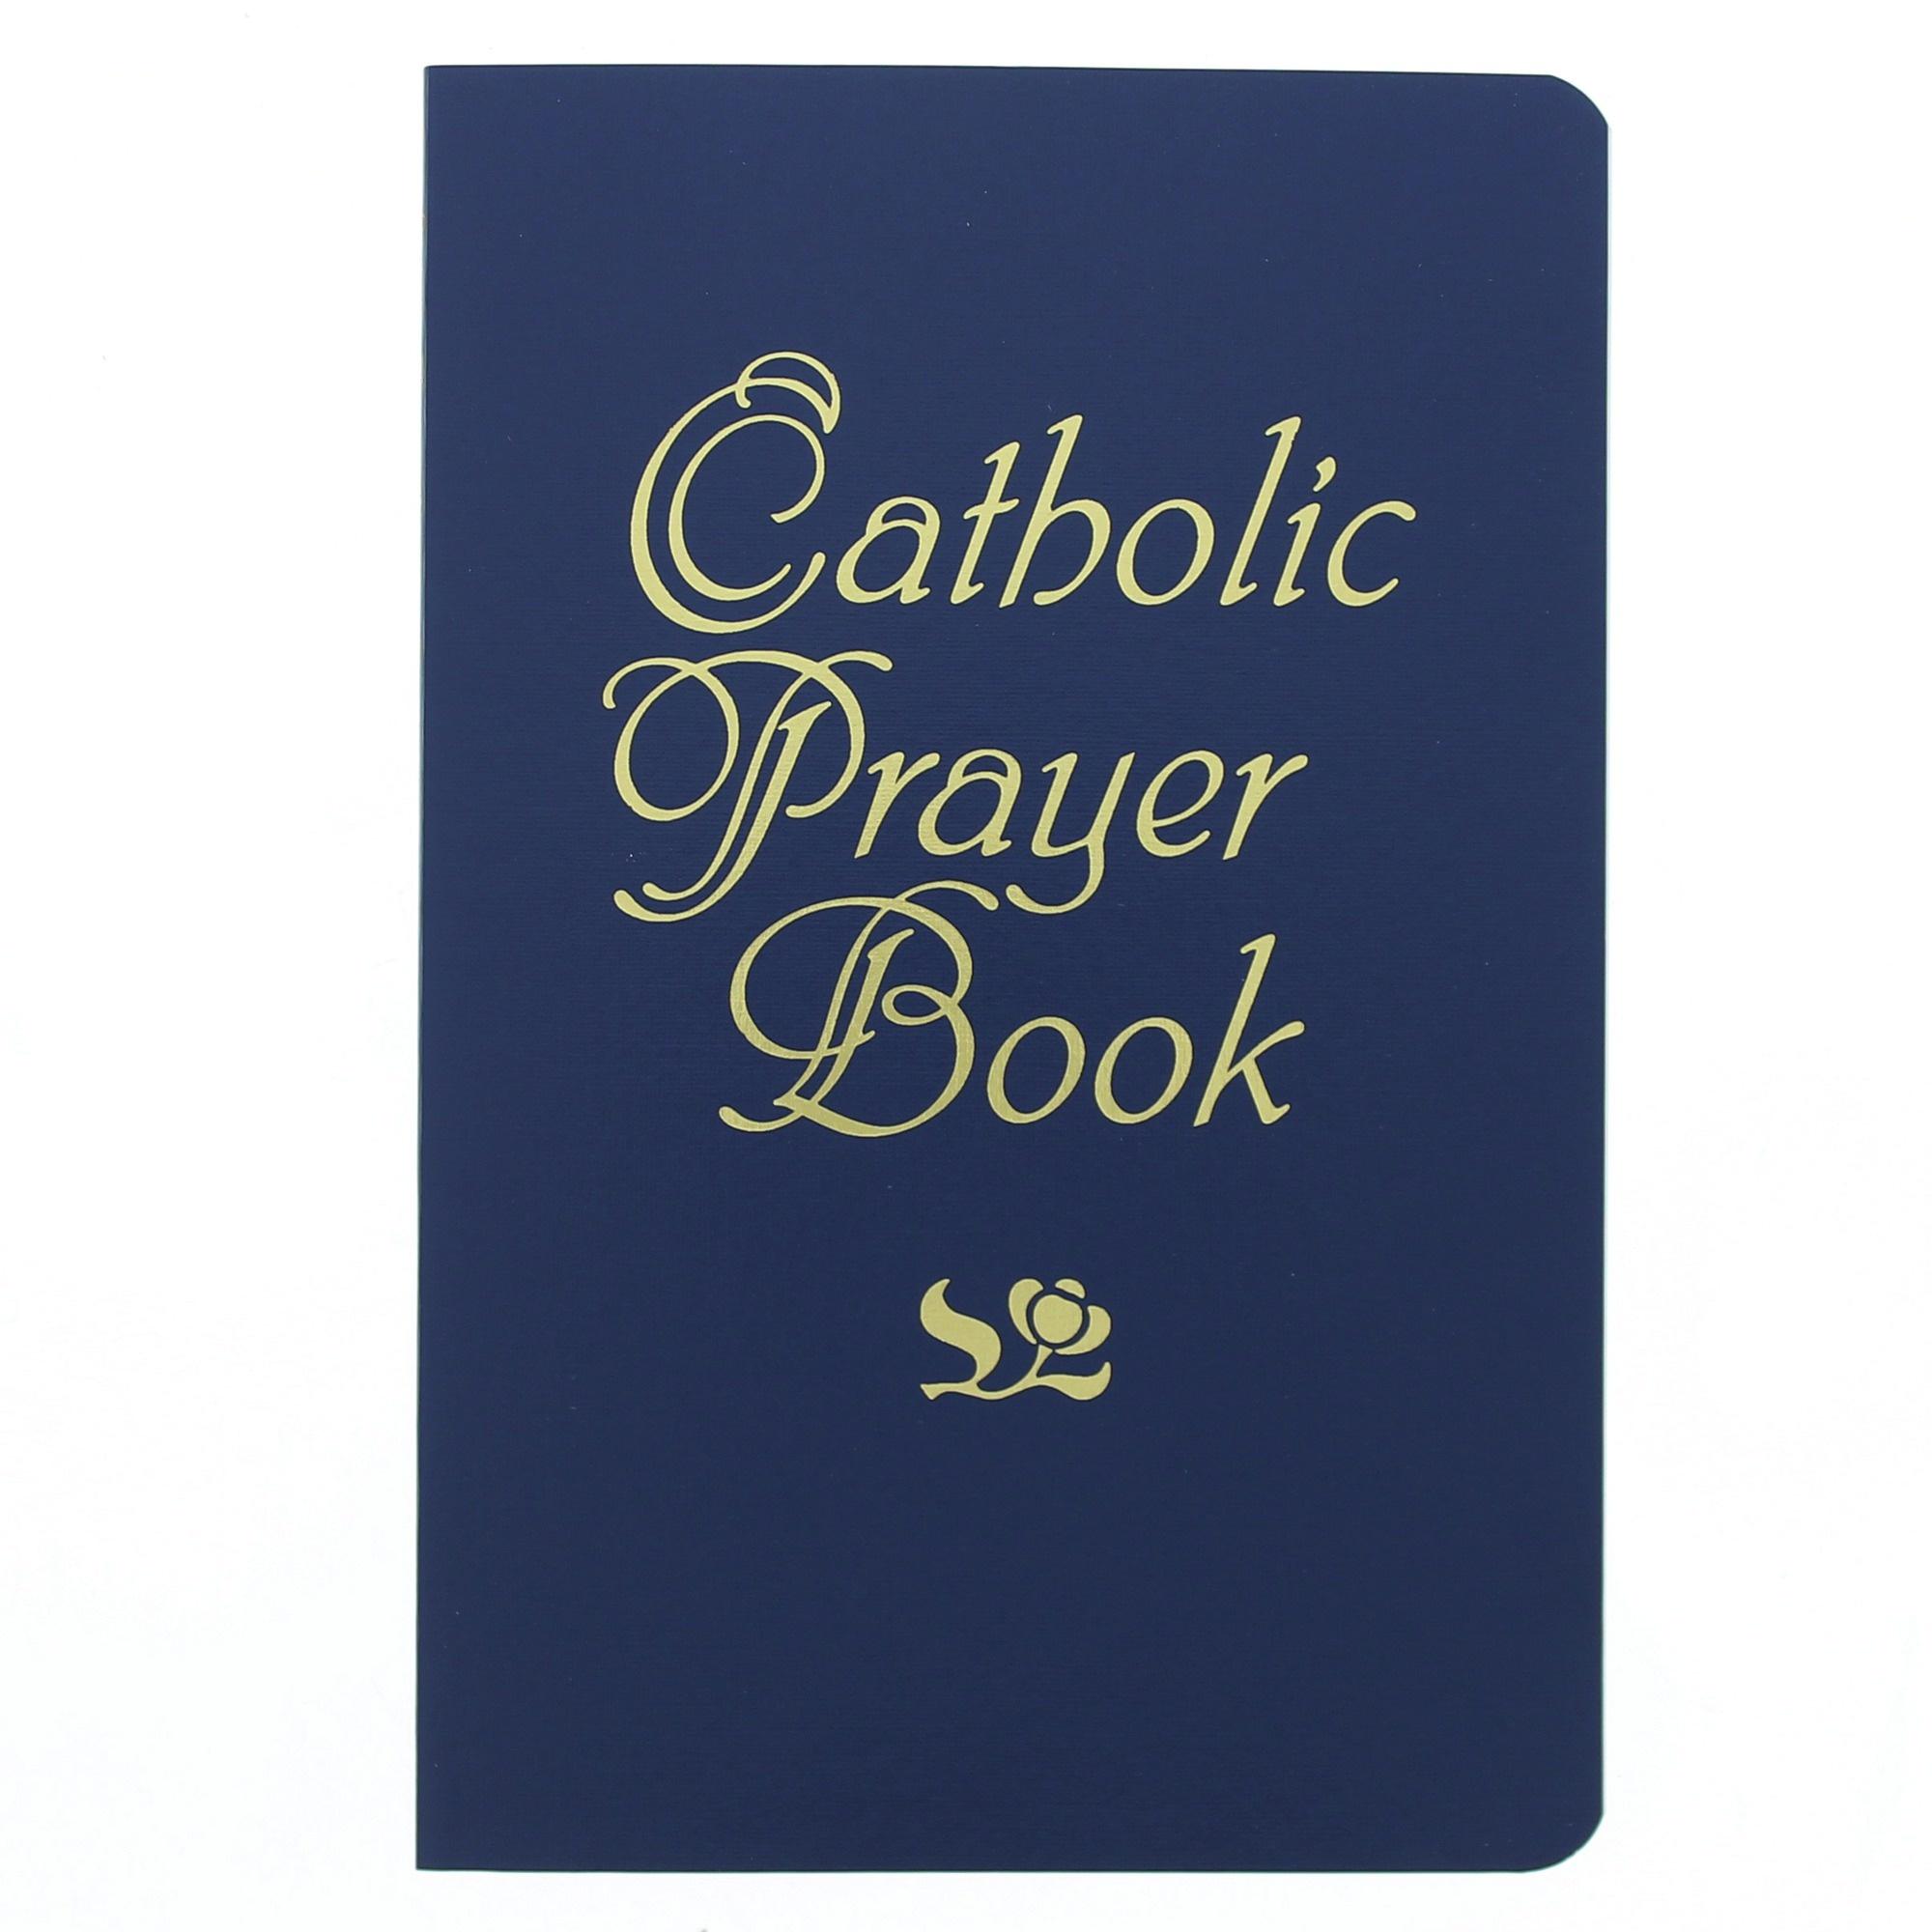 Large Print Catholic Books   The Catholic Company - Free Printable Catholic Mass Book